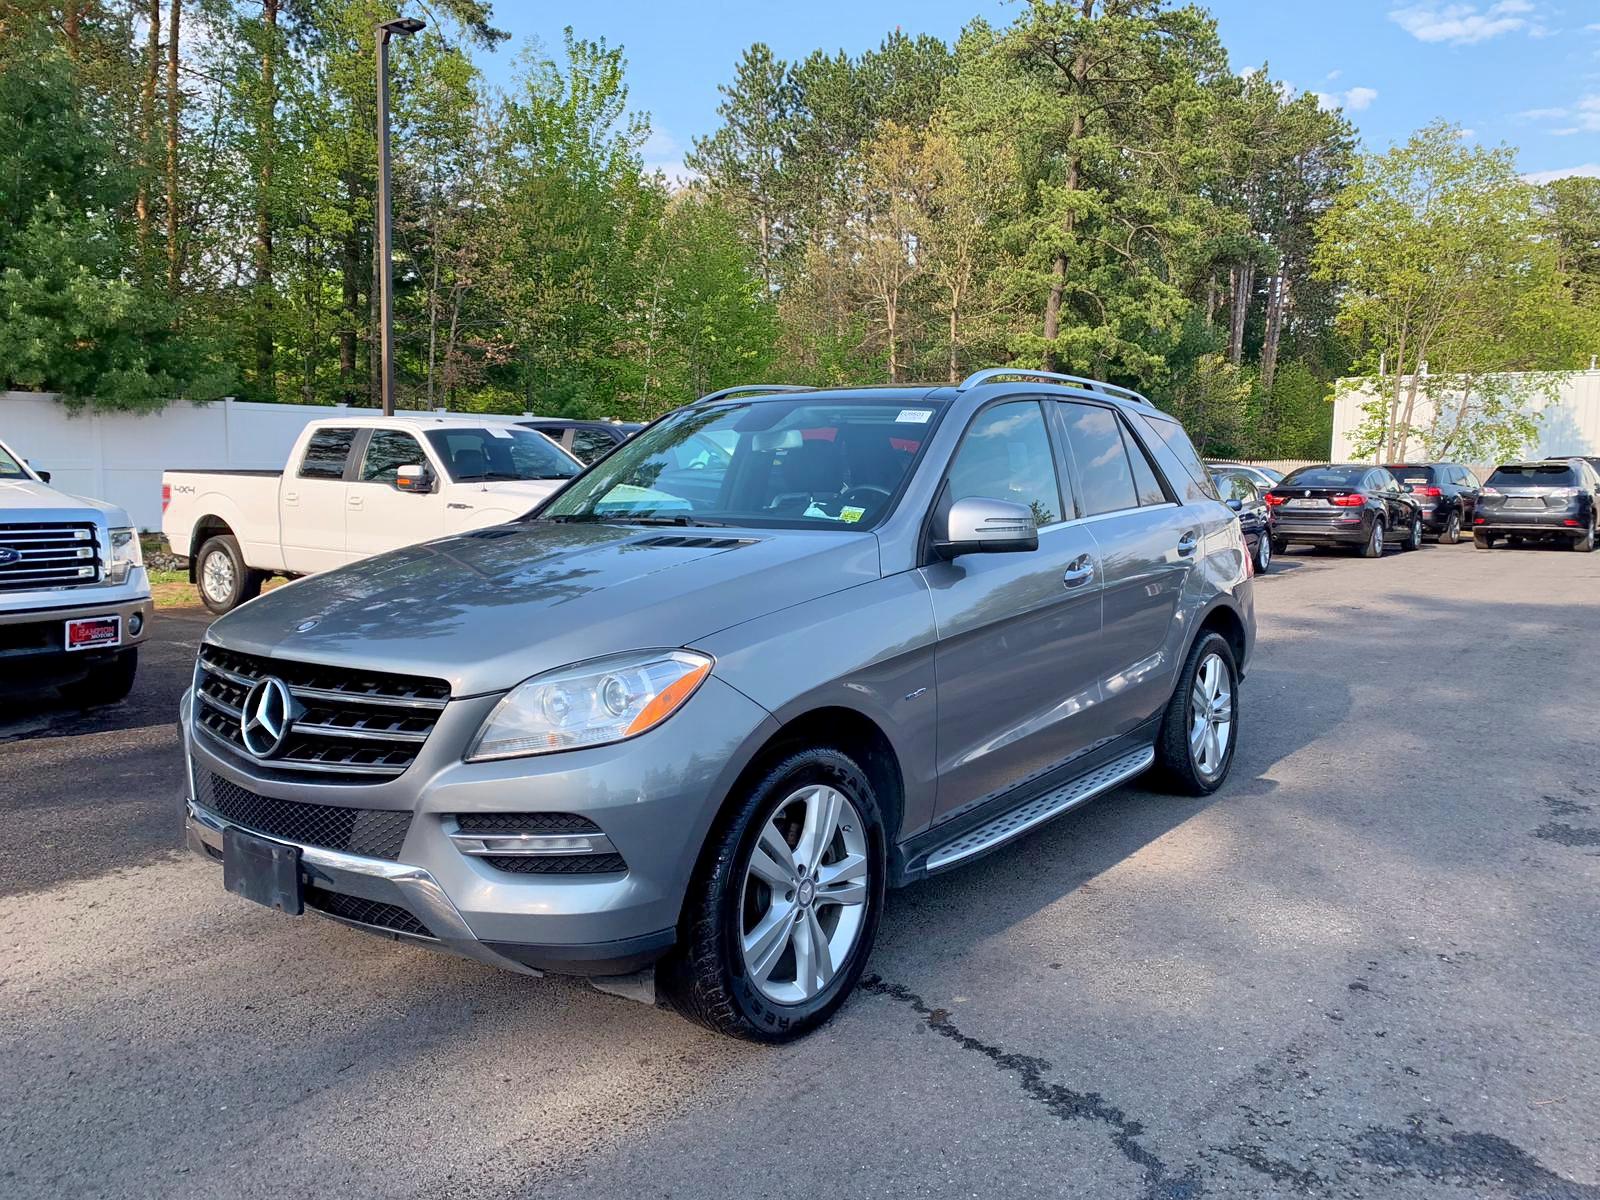 4JGDA5HB5CA030011 - 2012 Mercedes-Benz Ml 350 4Ma 3.5L Left View